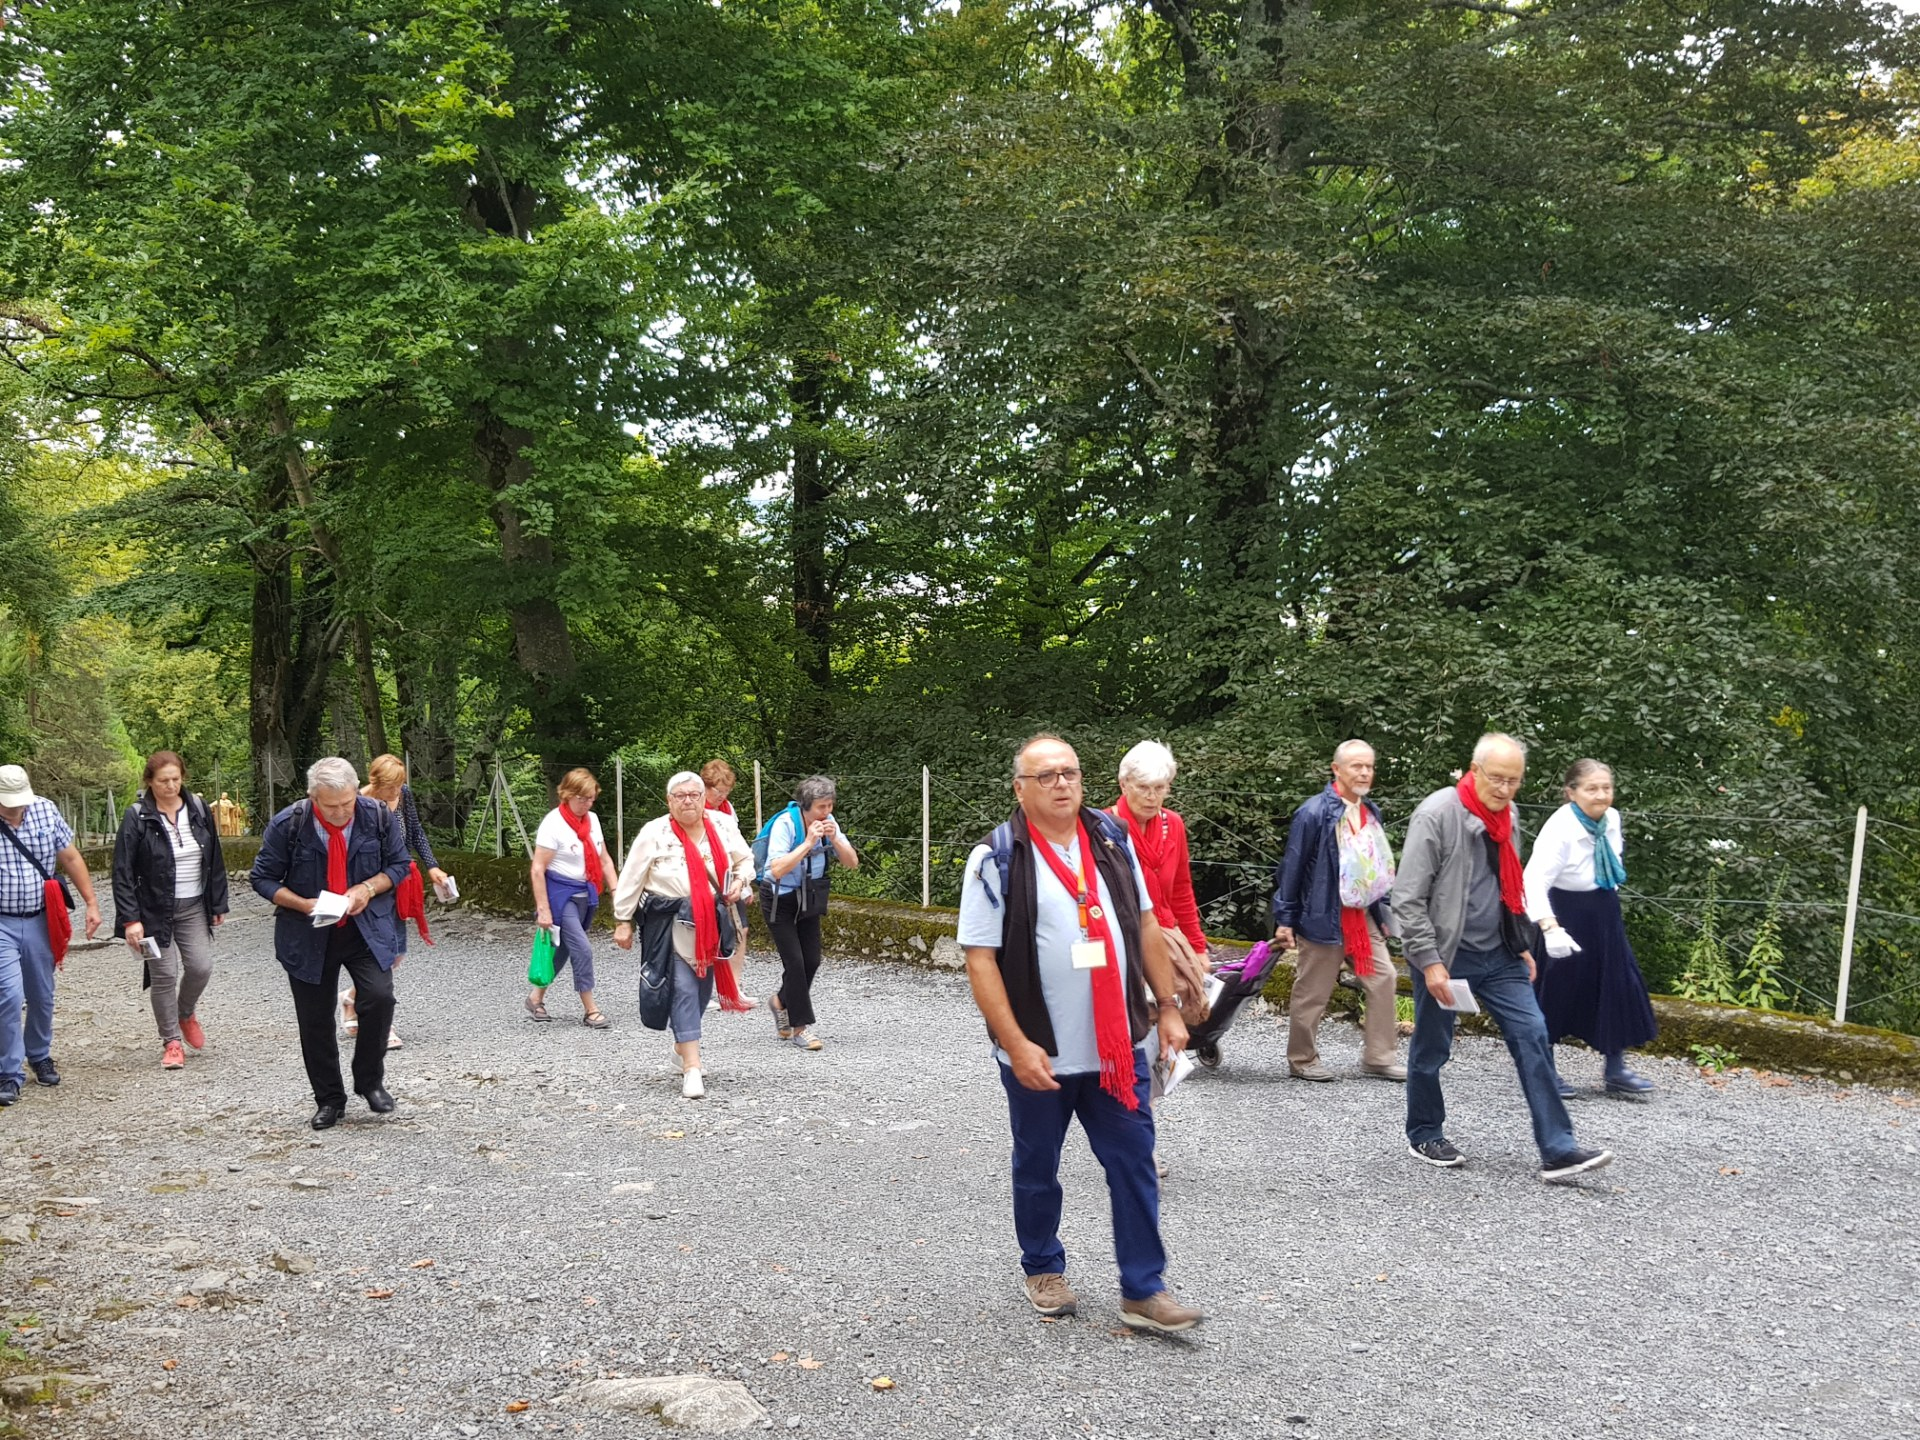 Chemin-croix-lourdes-19.08.2019 14